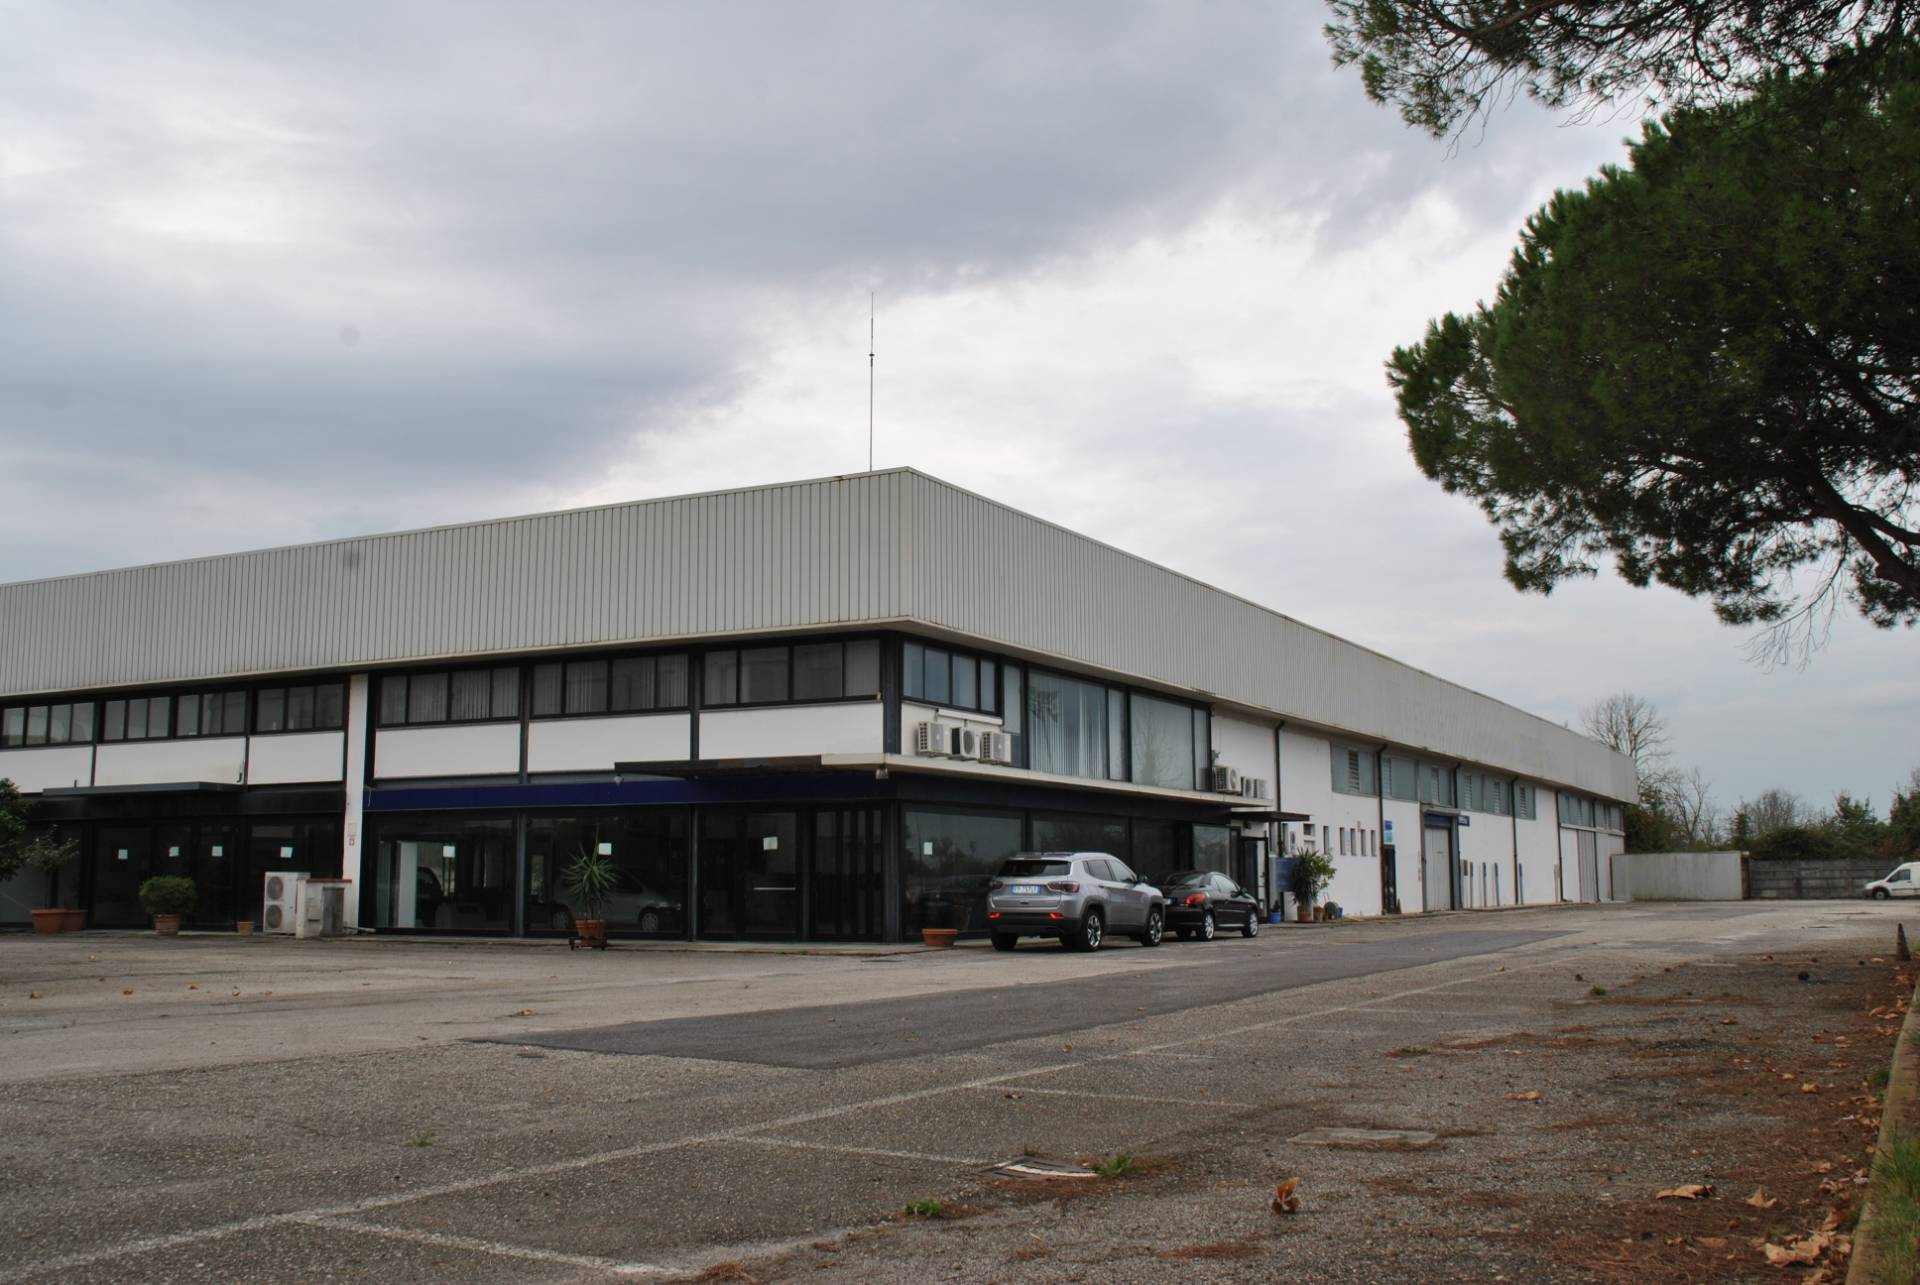 Locale comm.le/Fondo in vendita a San Giuliano Terme (PI)